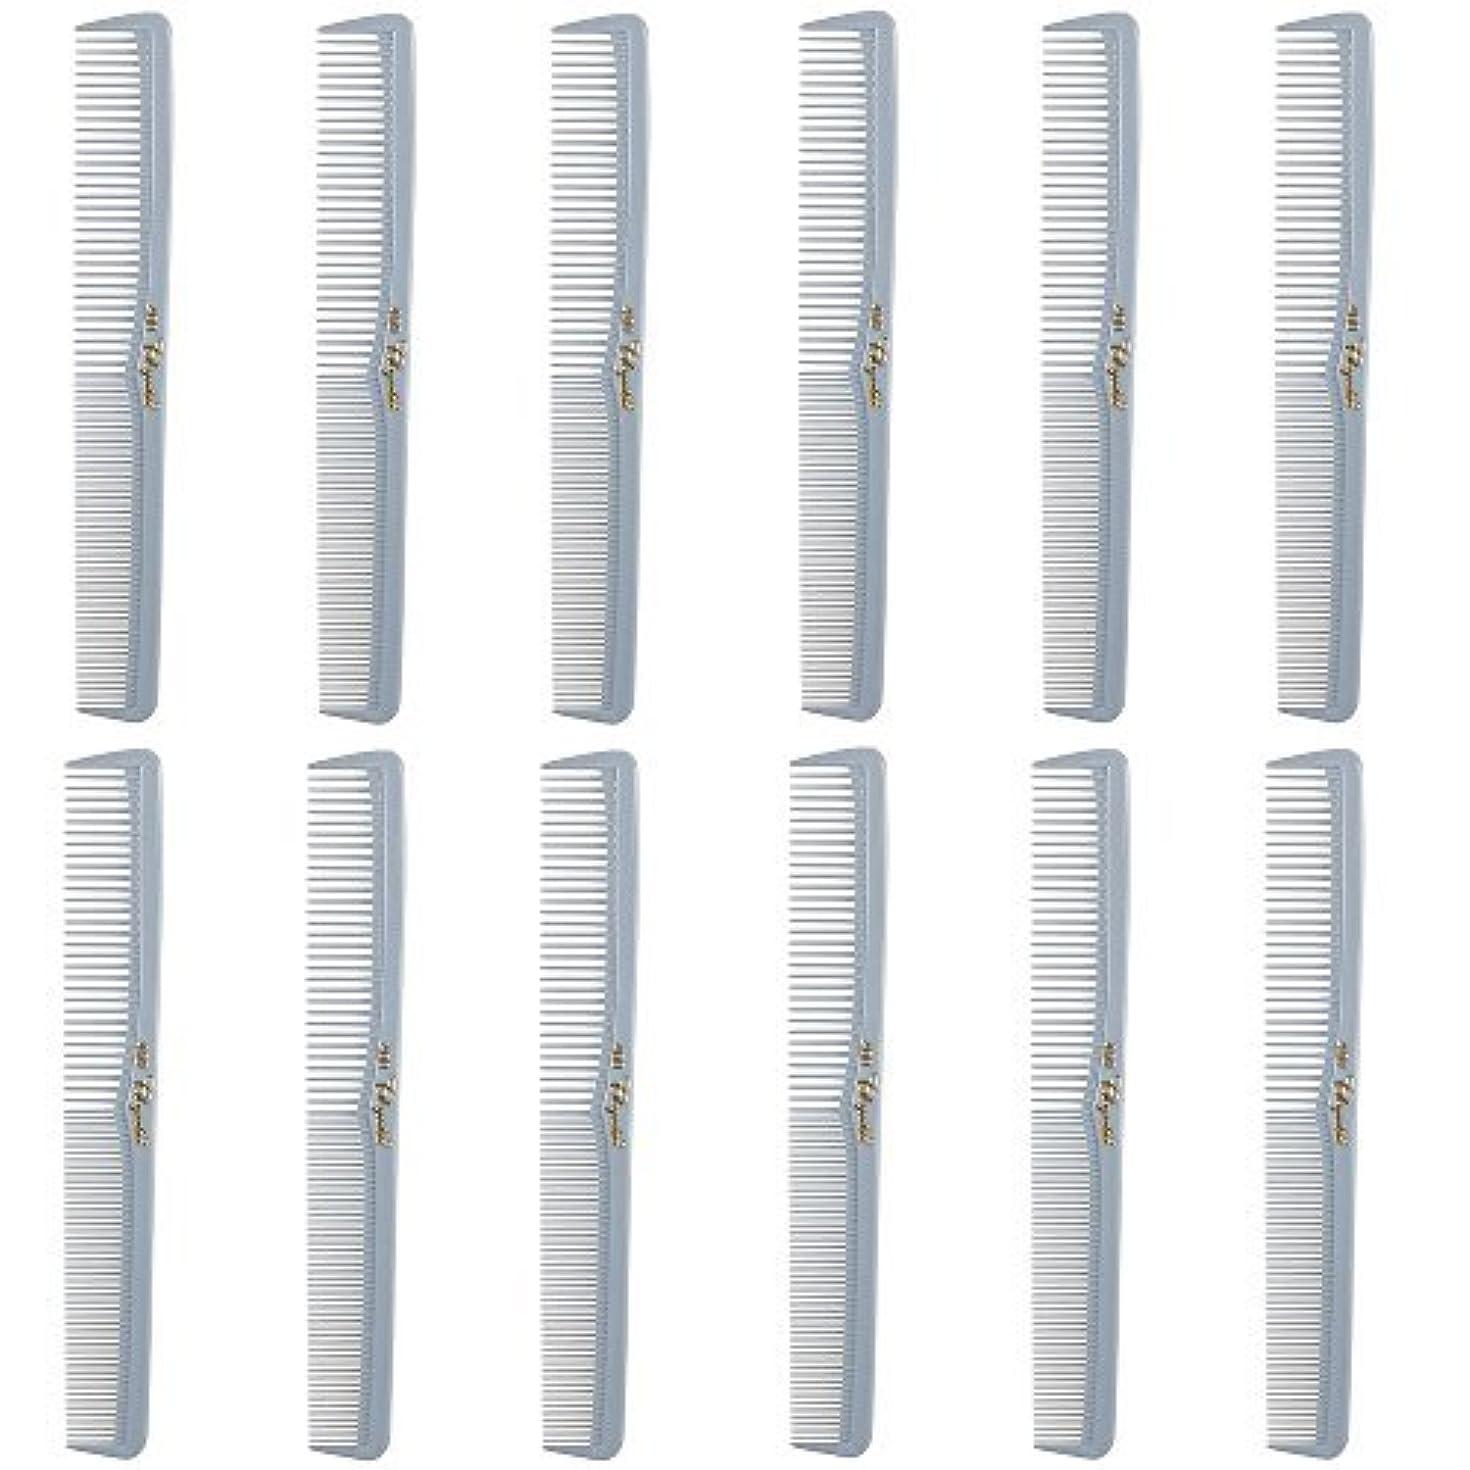 薄汚いくしゃみ小さなBarber Beauty Hair Cleopatra 400 All Purpose Comb (12 Pack) 12 x SB-C400-LGREY [並行輸入品]